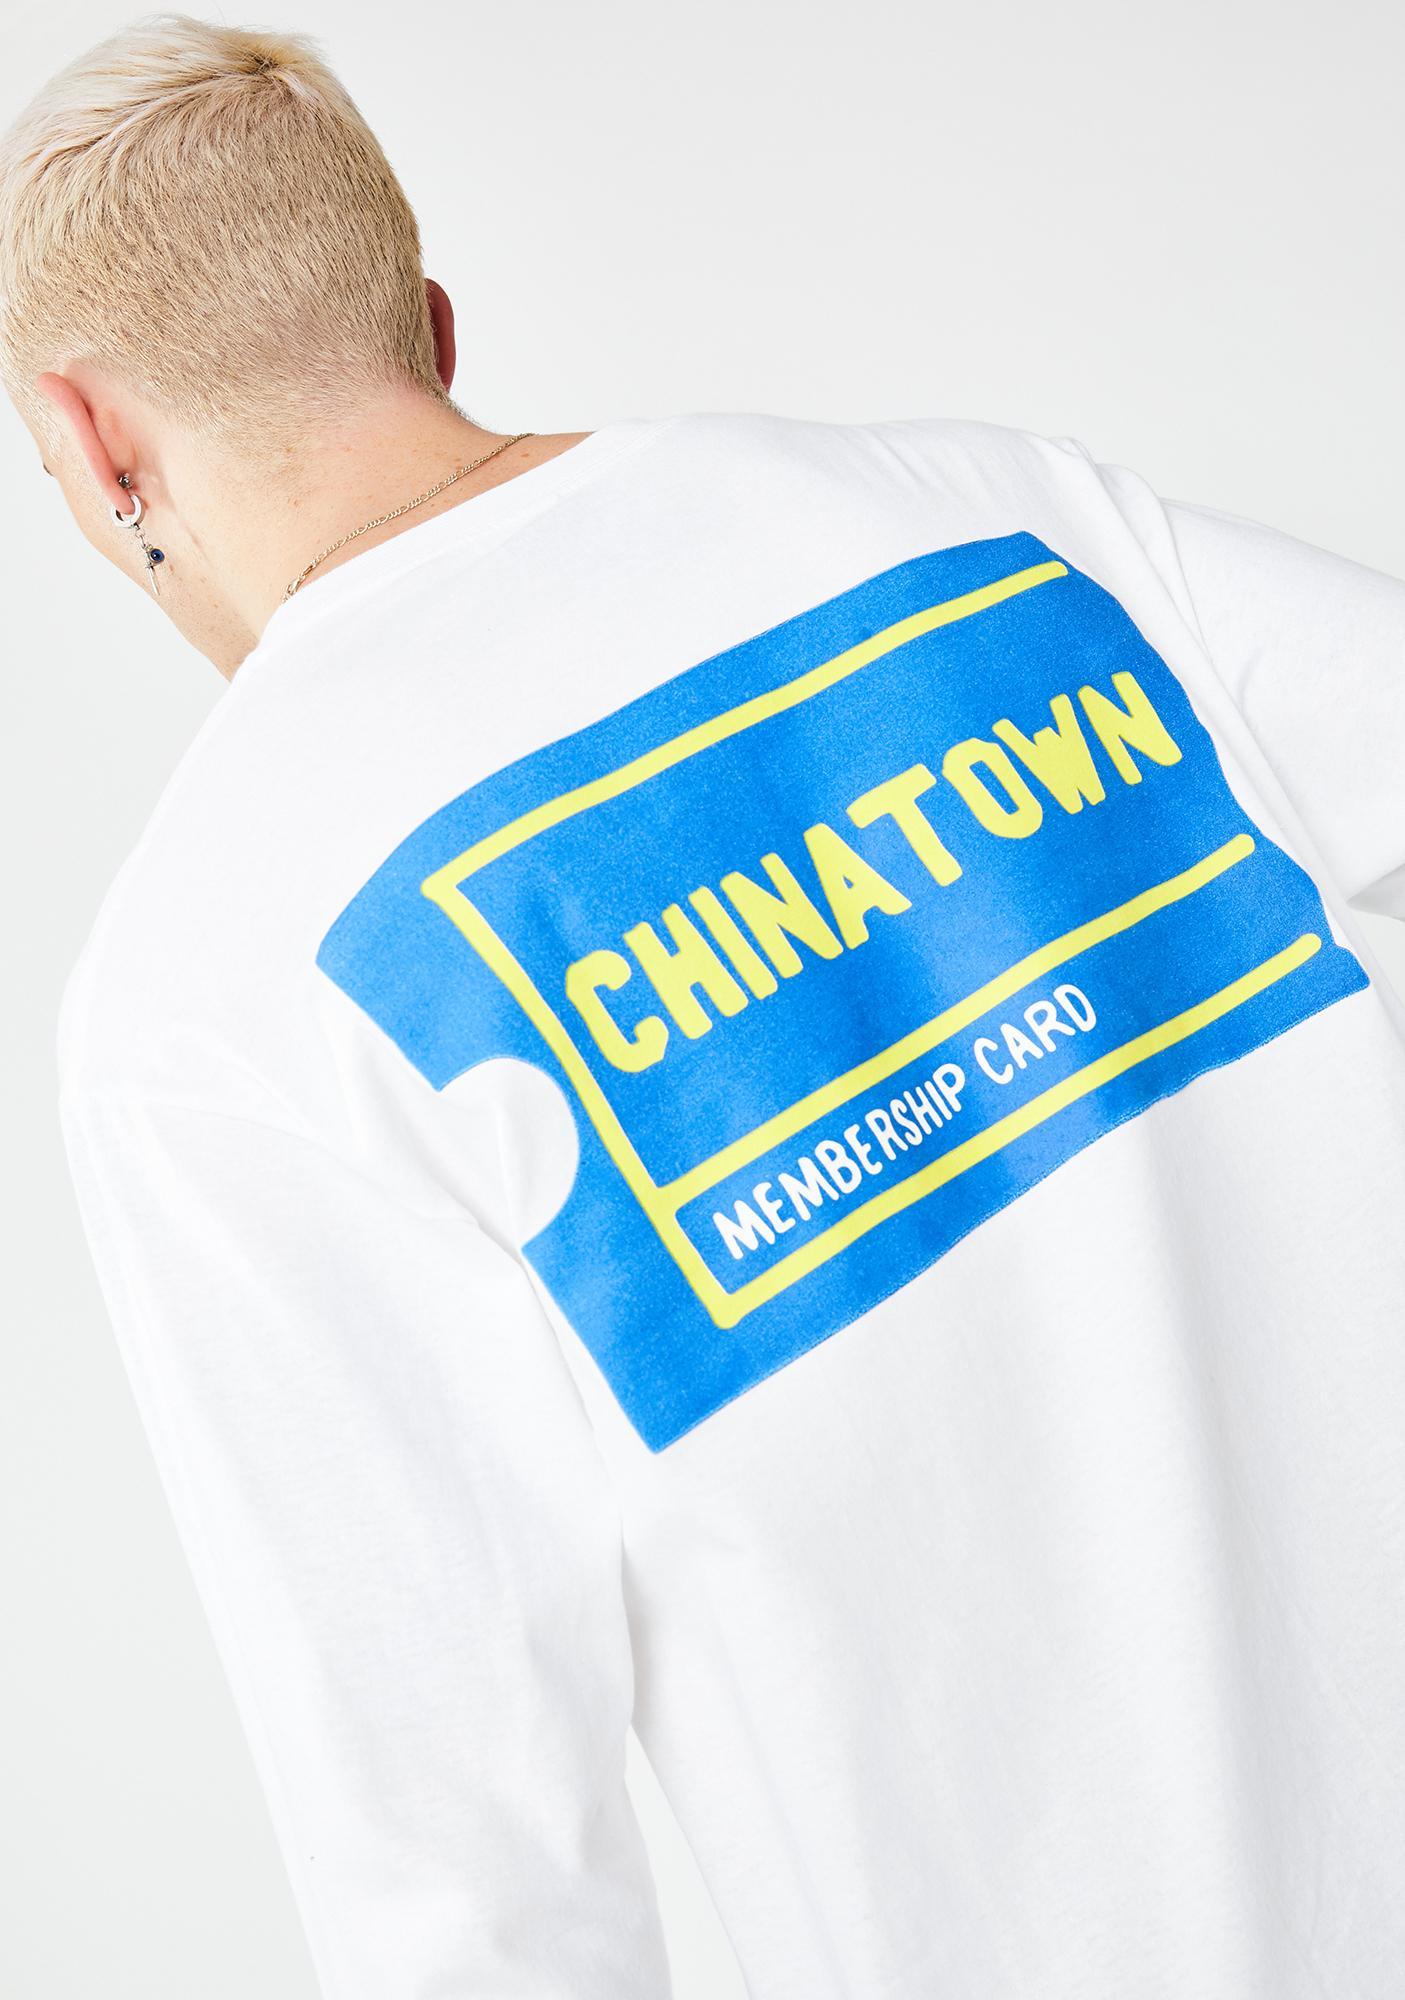 CHINATOWN MARKET Membership Graphic Tee